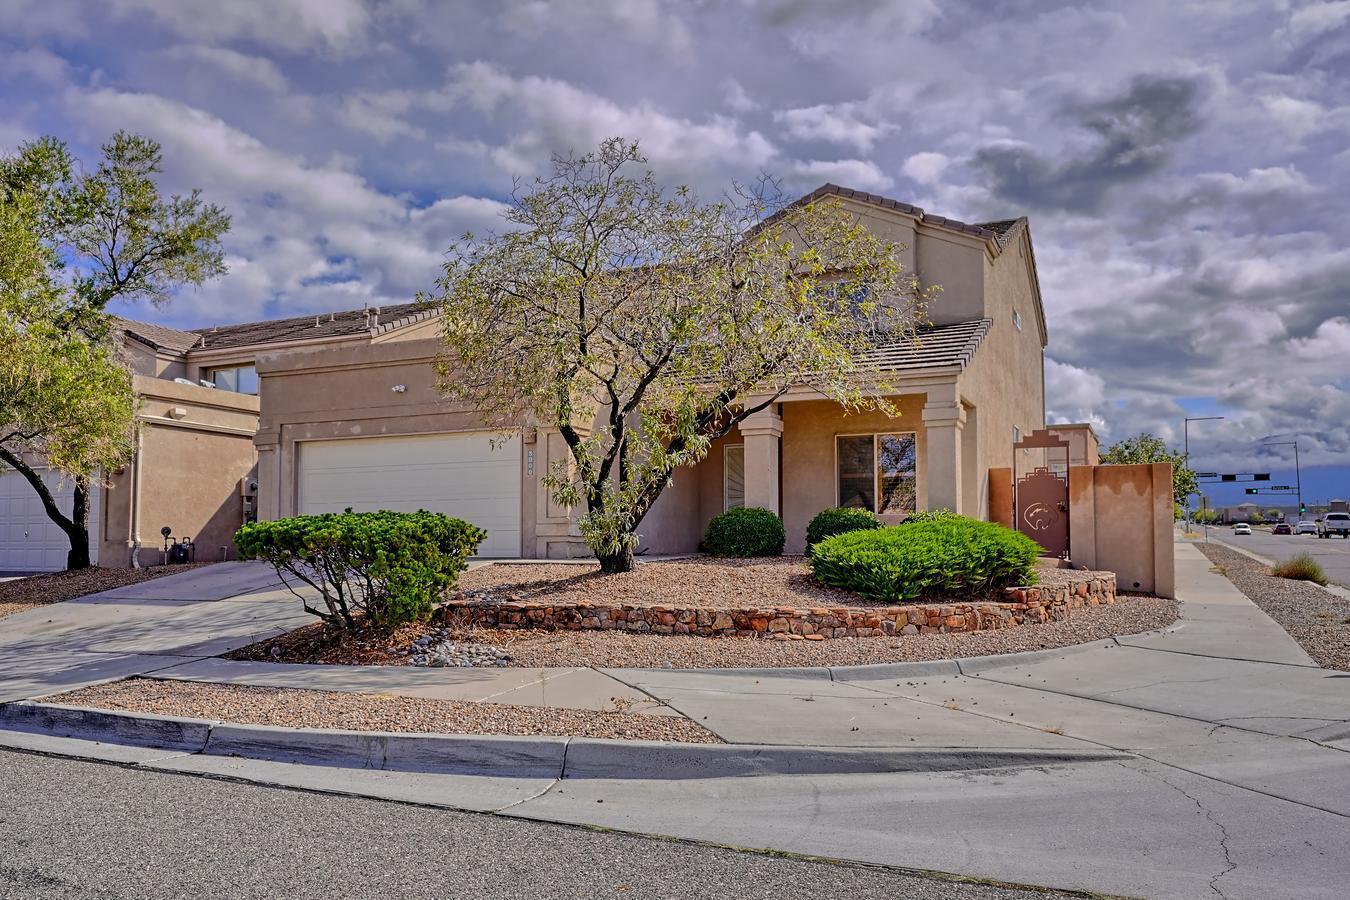 8000 OSO ABRAZO Drive, Albuquerque NM 87122